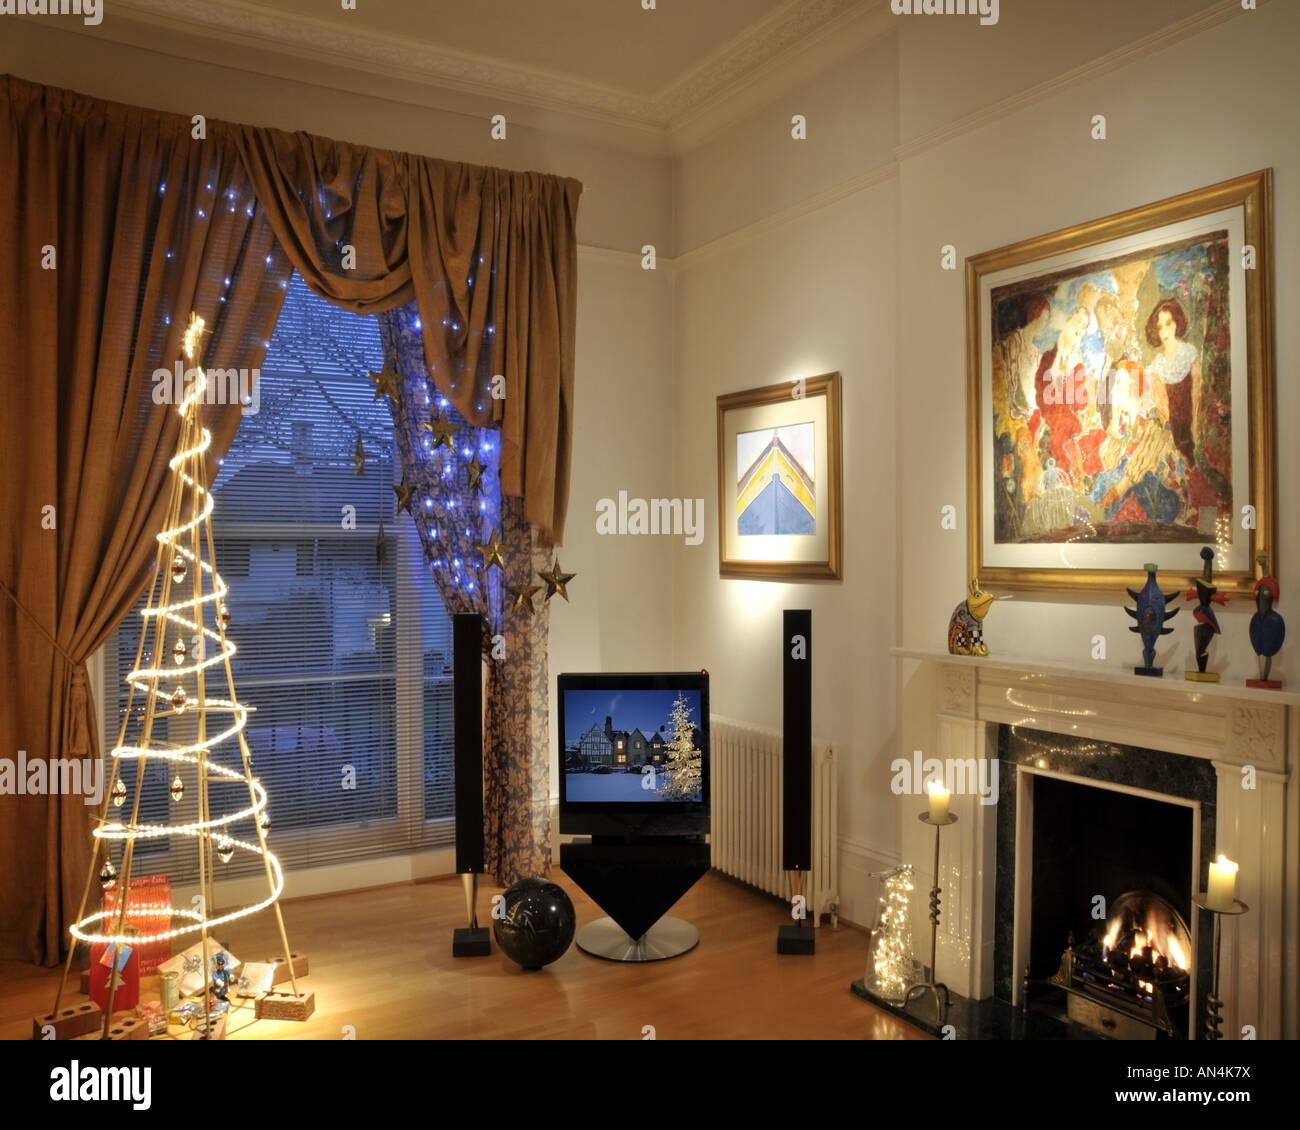 CHRISTMAS:  Living Room setting at Christmas - Stock Image